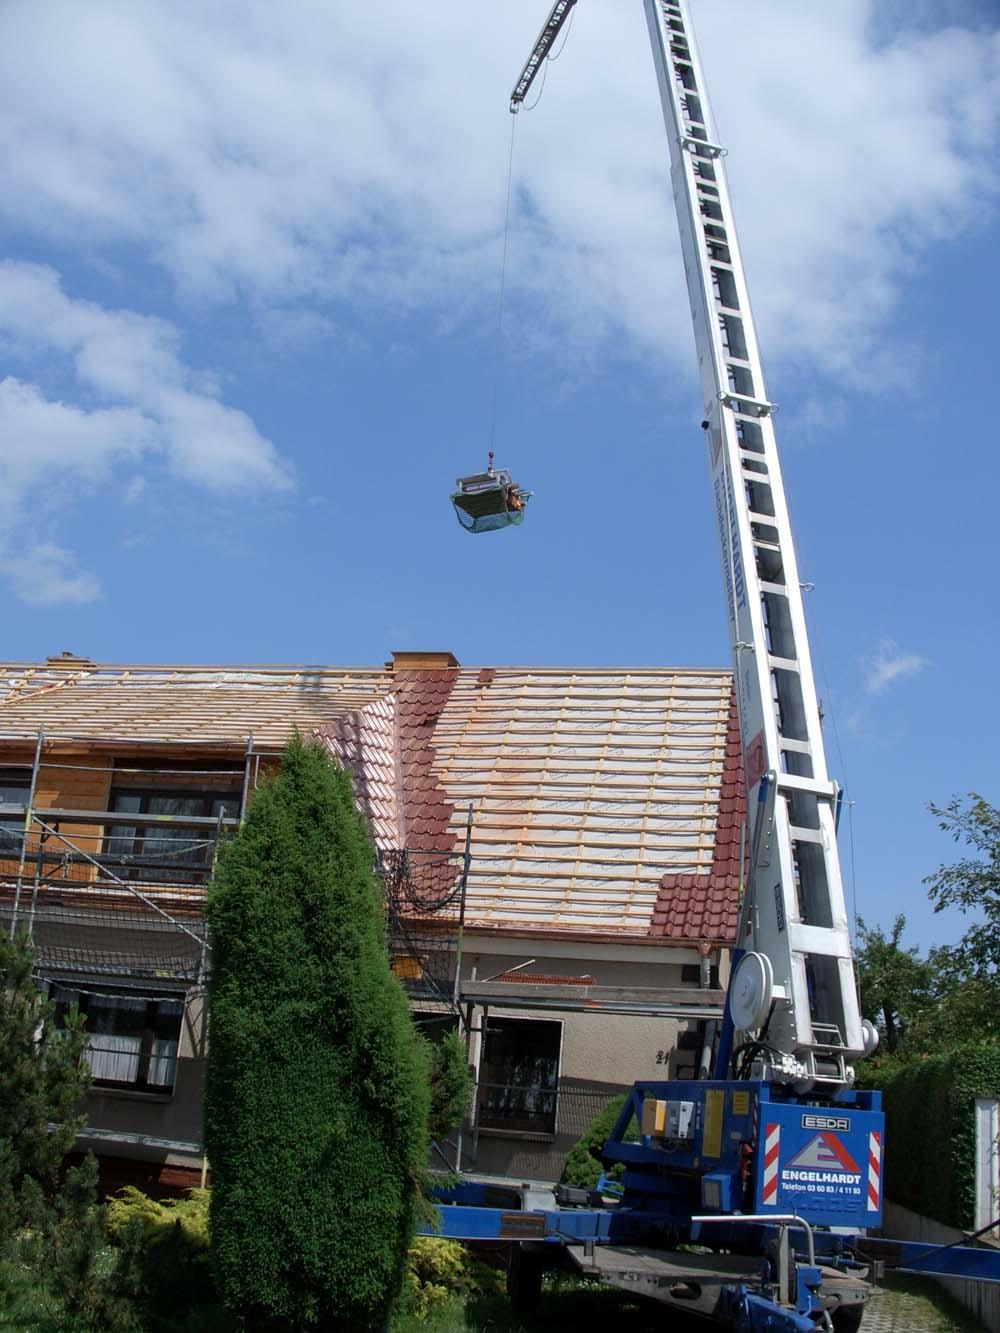 Kranservice der Engelhardt Dach & Wand GmbH